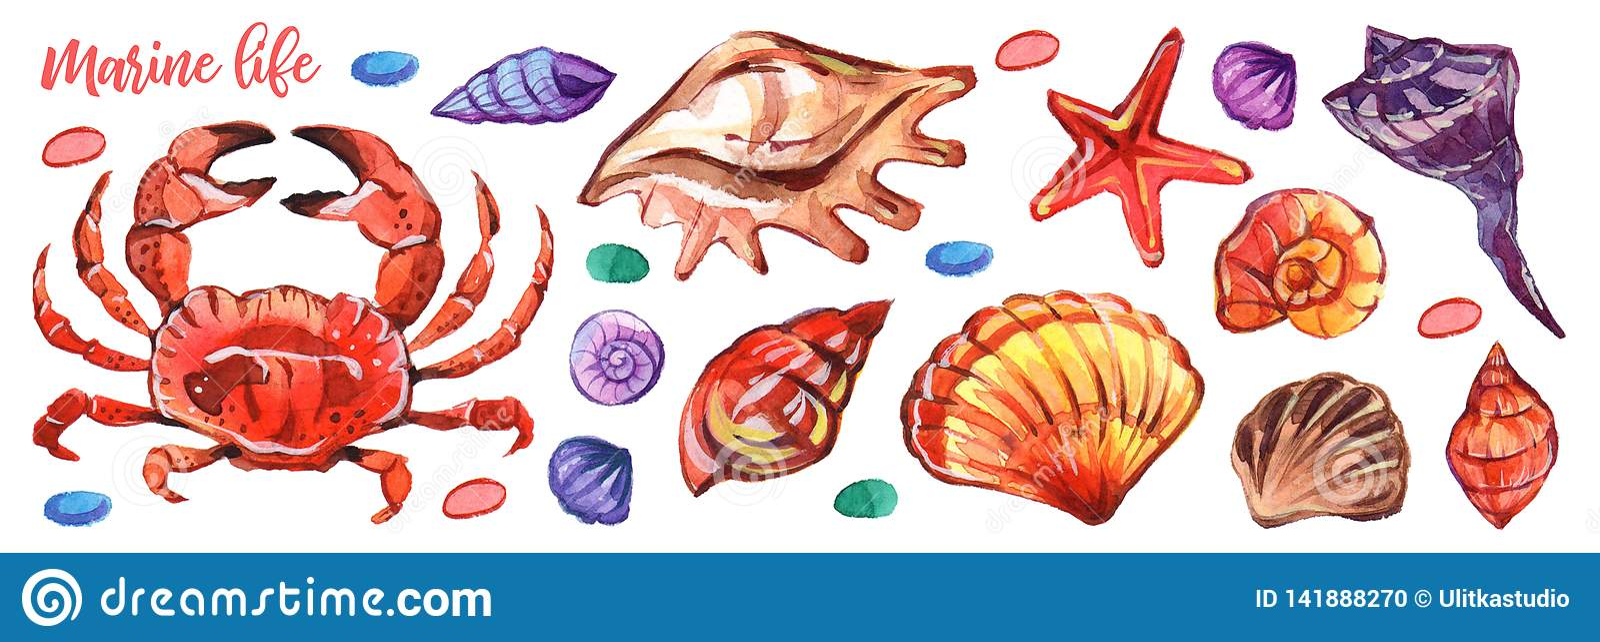 Watercolour marinho no estilo realístico no fundo branco Vida subaquática marinha Branco isolado ilustração